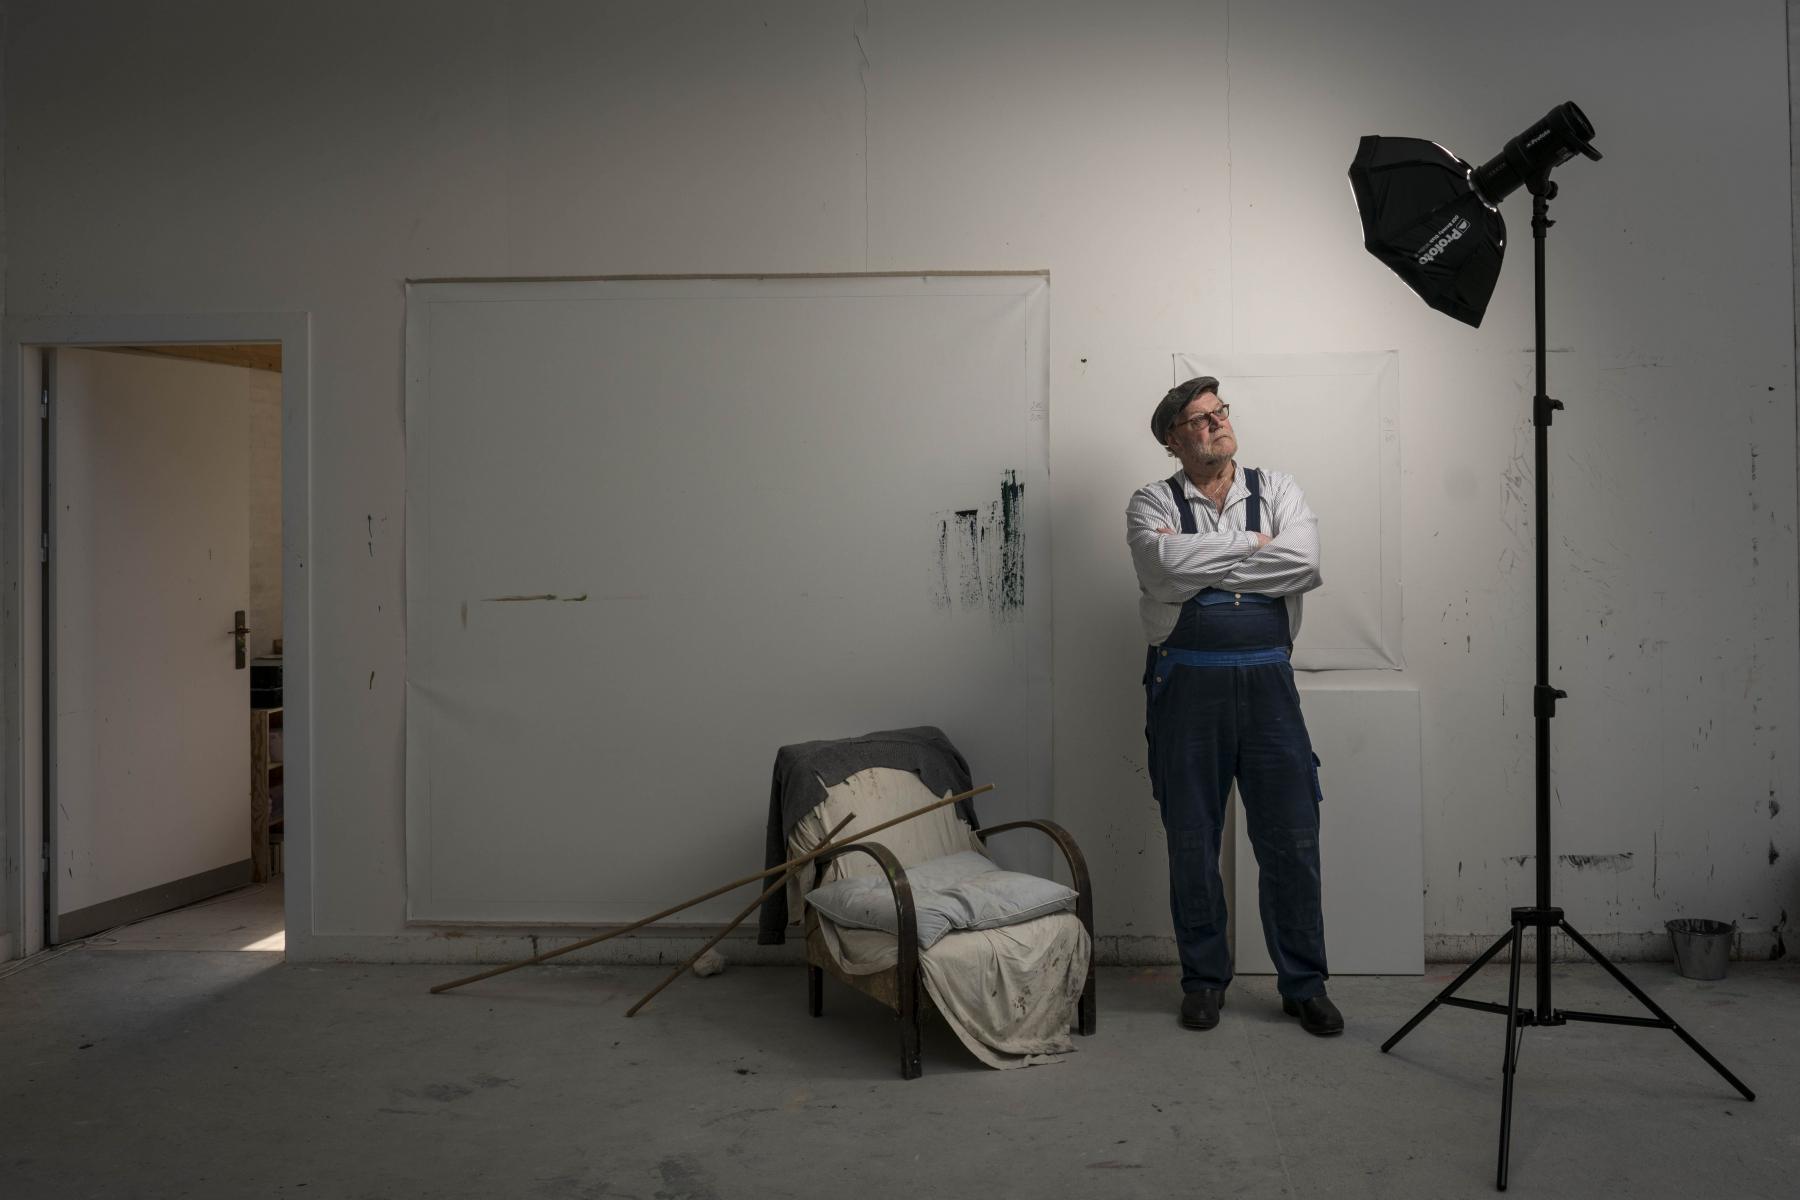 Foto: Steffen Jensen | Syde Poul lod os bo i afdøde Per Kirkebys gård på Læsø. Her er han i kunstnerens atelier.